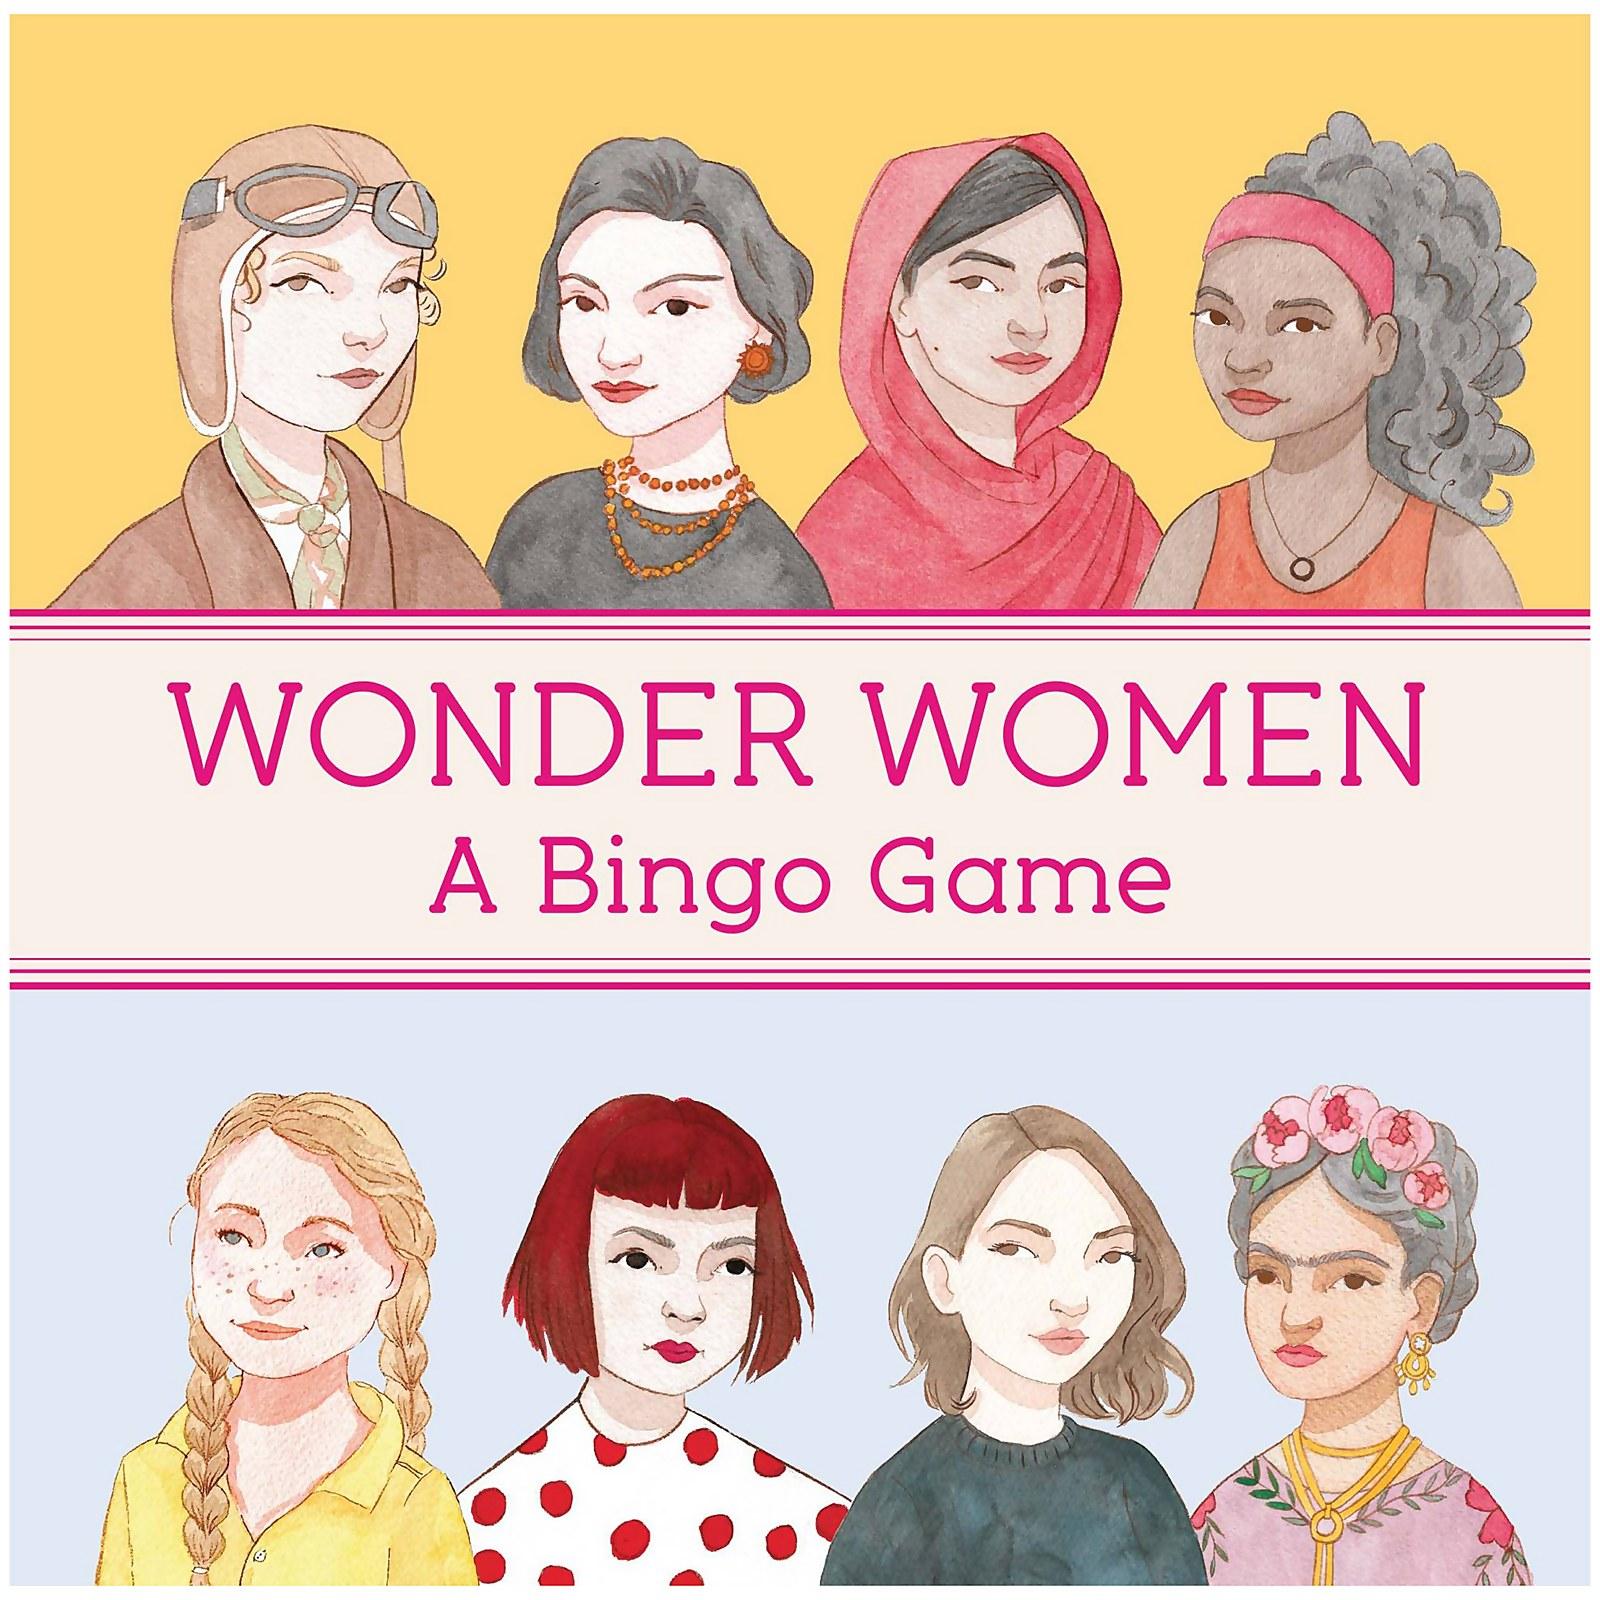 Image of Wonder Women Bingo Game